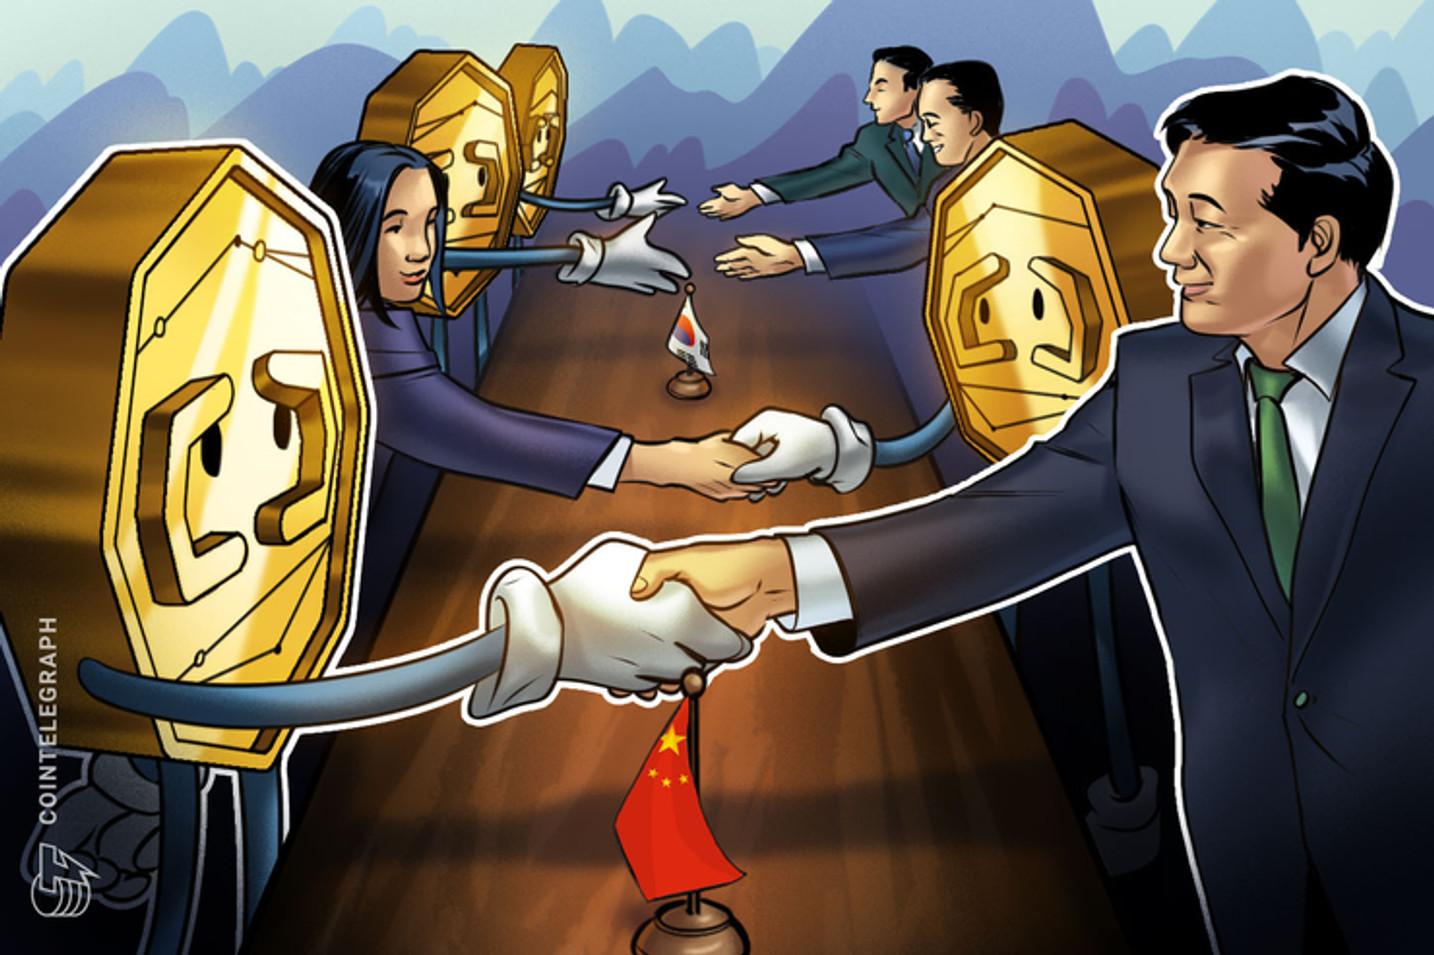 韓国カカオの仮想通貨クレイ、上場に向け中韓の仮想通貨取引所と協議中か=現地メディアが報道